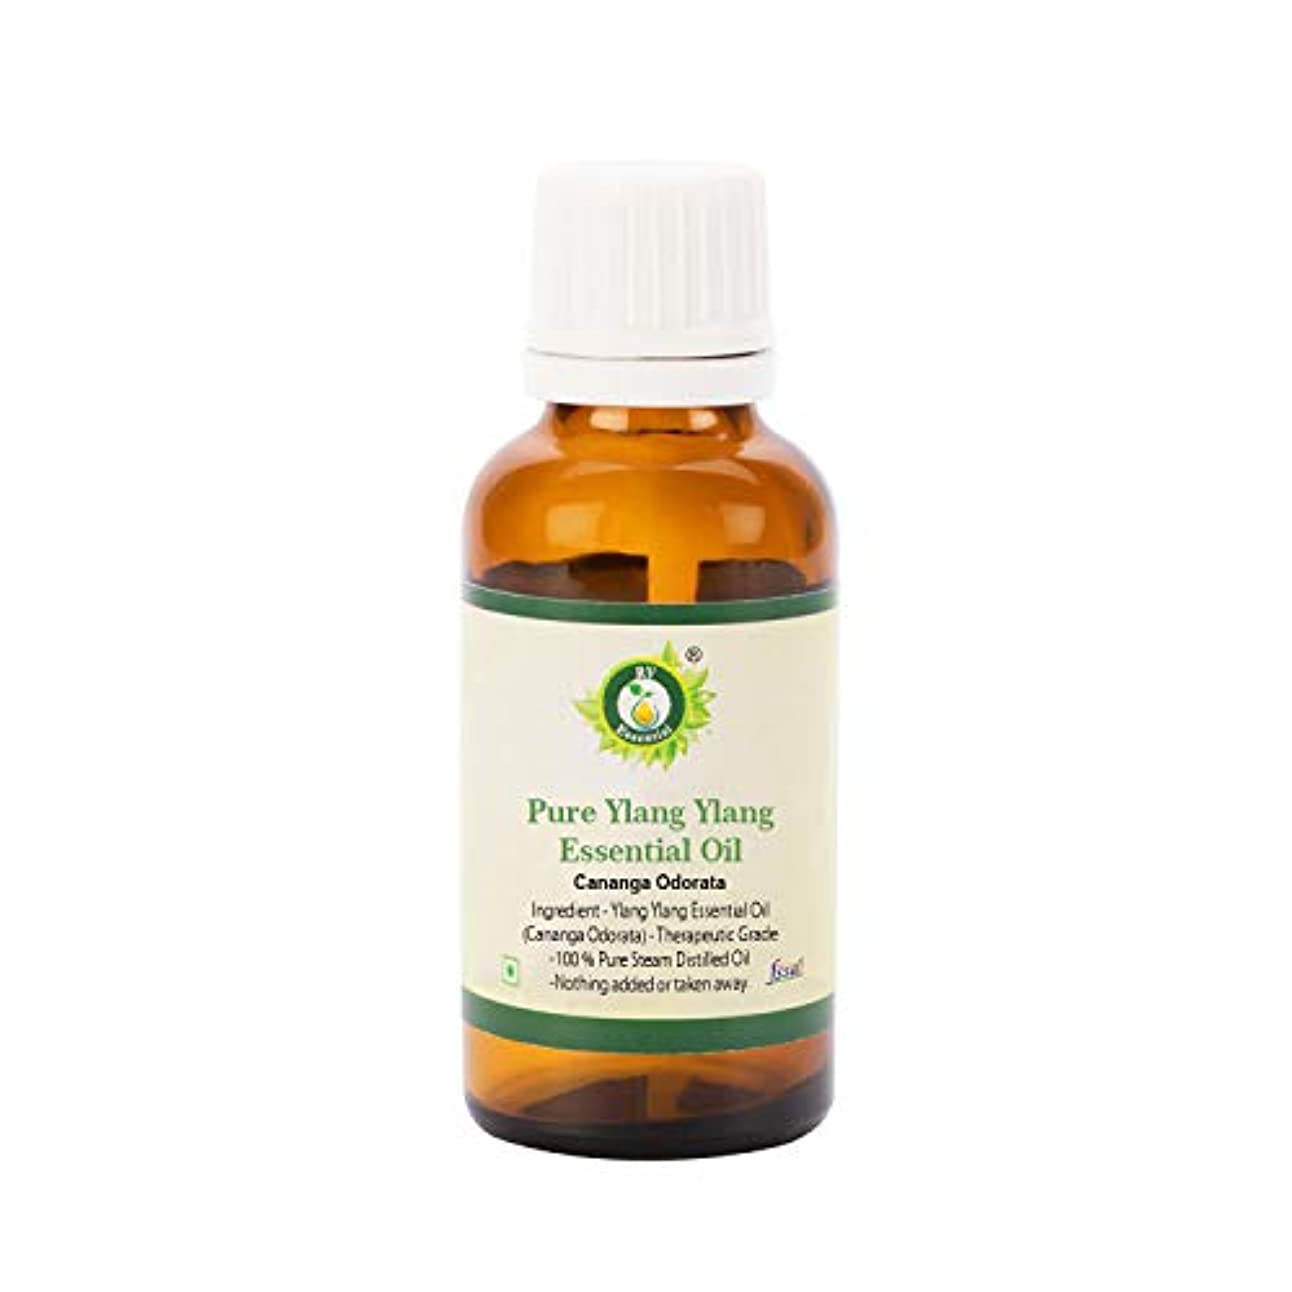 満足できる充電凝視R V Essential ピュアイランイランエッセンシャルオイル10ml (0.338oz)- Cananga Odorata (100%純粋&天然スチームDistilled) Pure Ylang Ylang Essential...